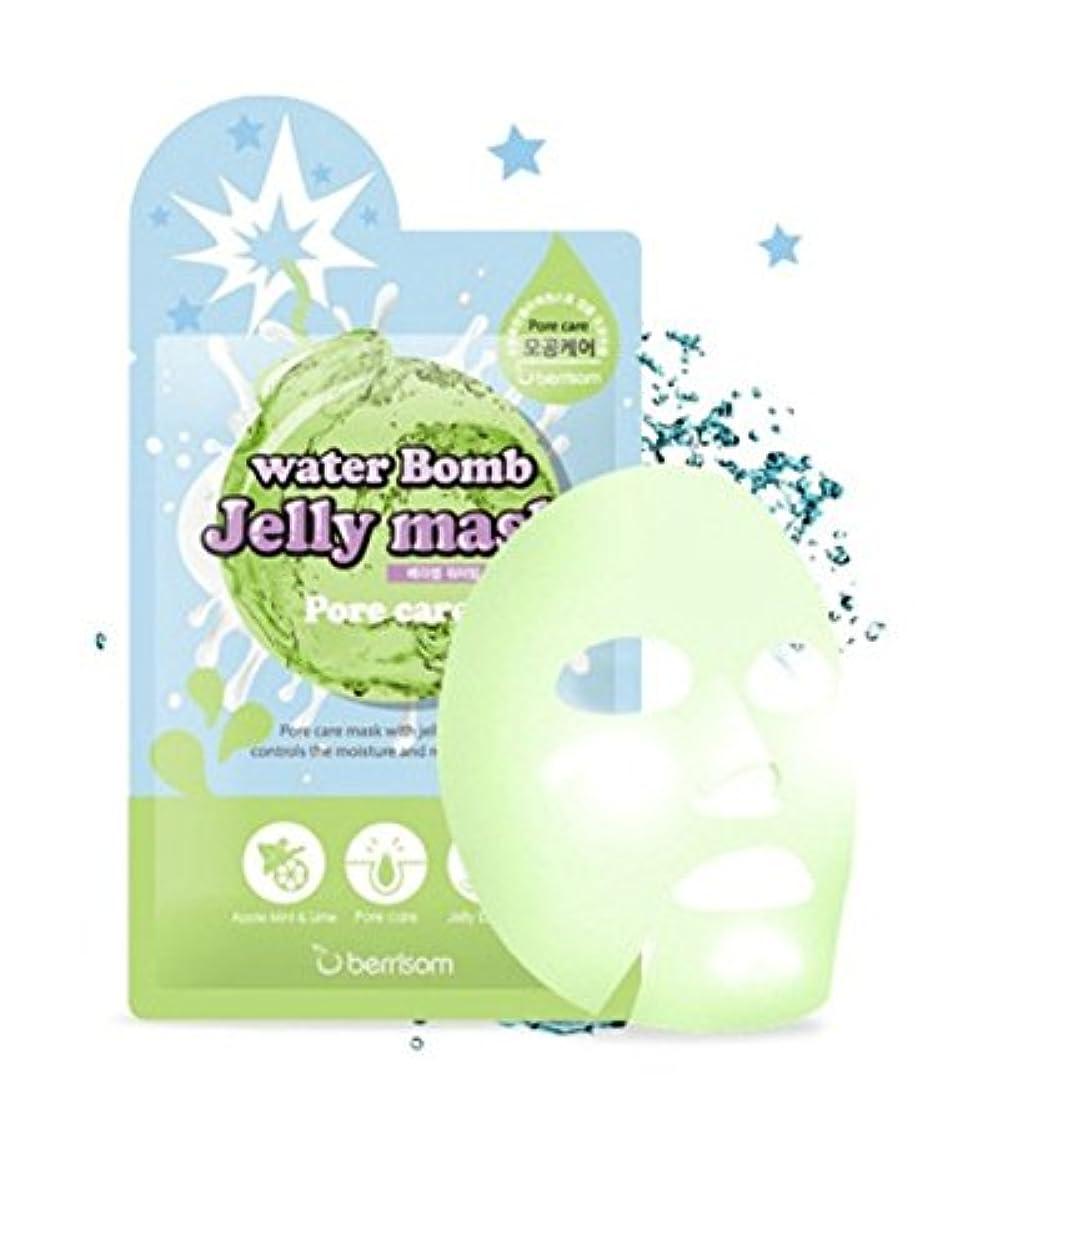 戦争突破口トレースベリサム(berrisom) ウォーター爆弾ジェリーマスクパック Water Bomb Jelly Mask #毛穴ケアー